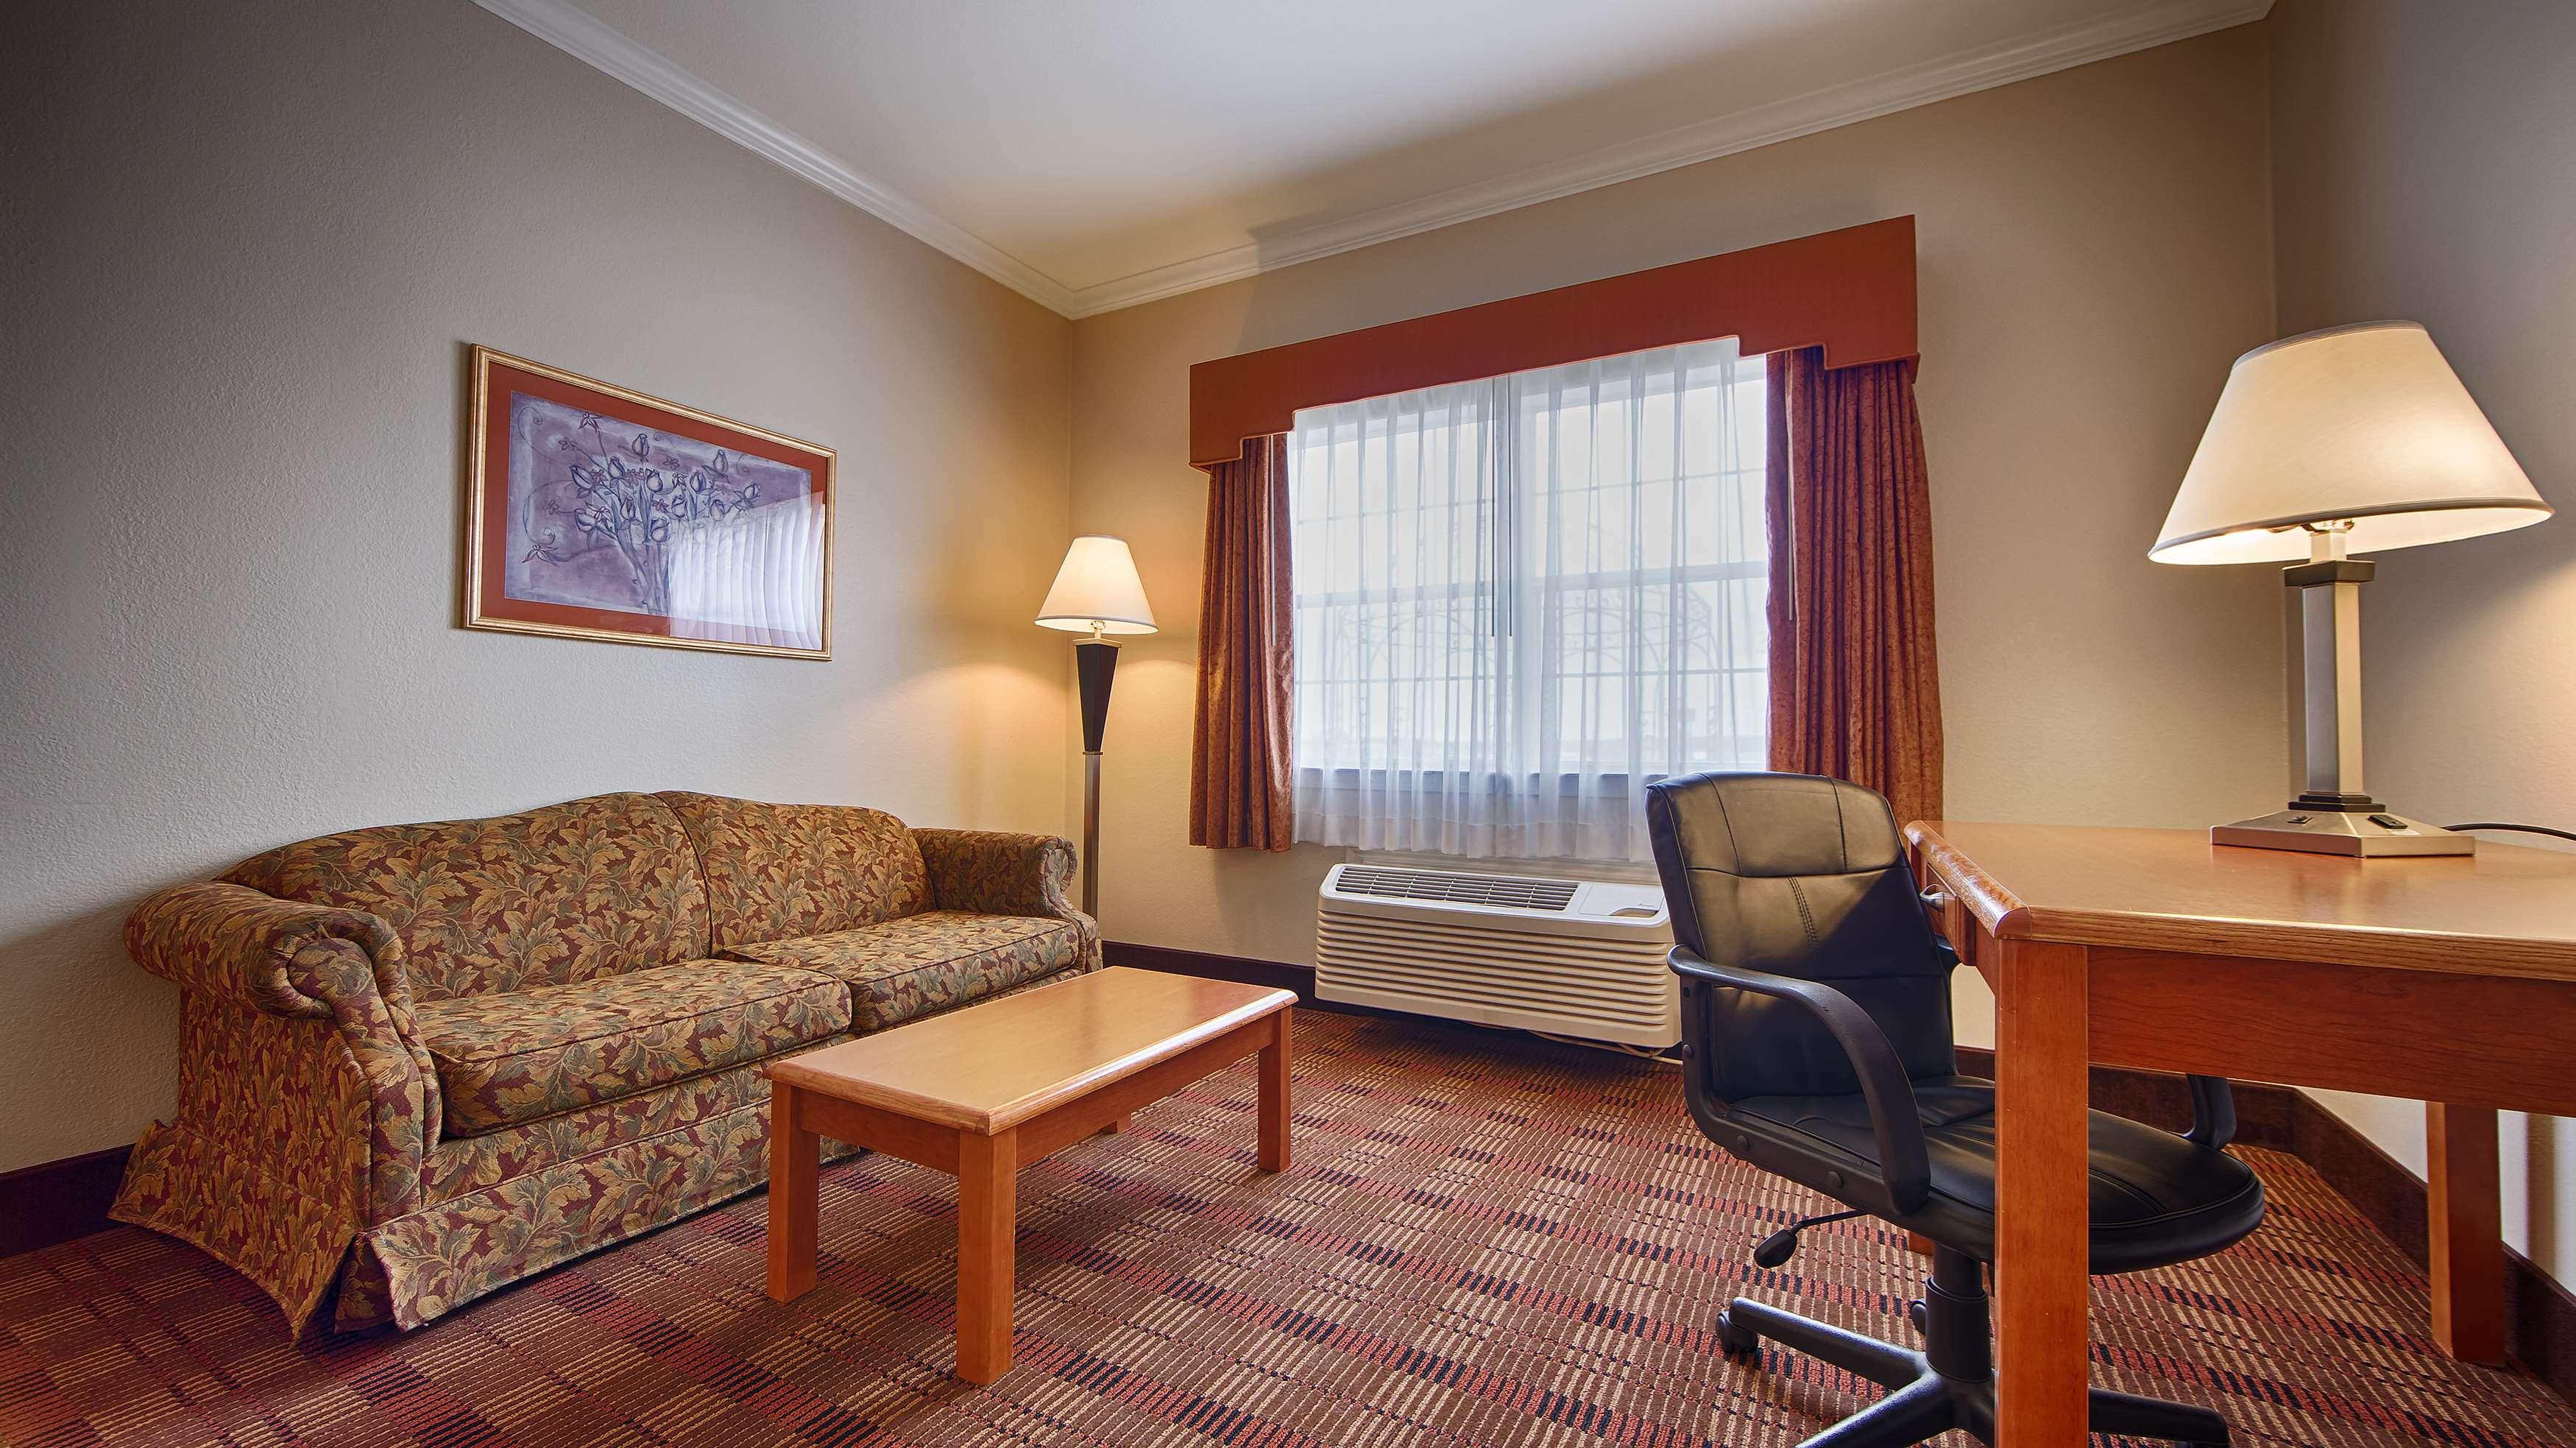 Best Western Club House Inn & Suites image 17